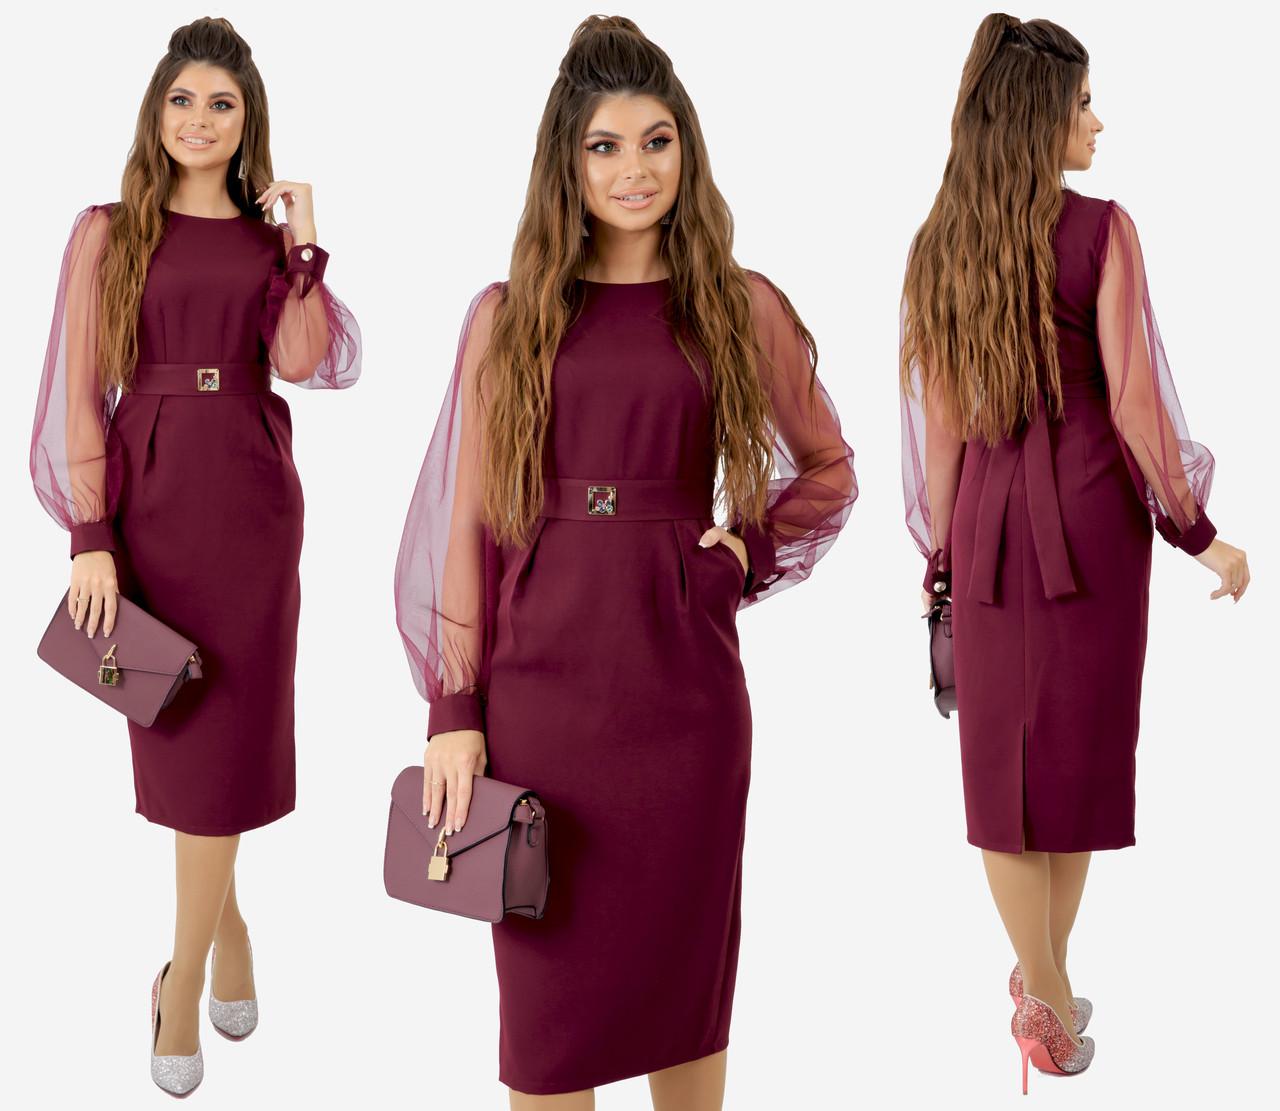 Платье цвет марсала, приталенного кроя с поясом, отделка сетка, есть карманы  арт 240-92